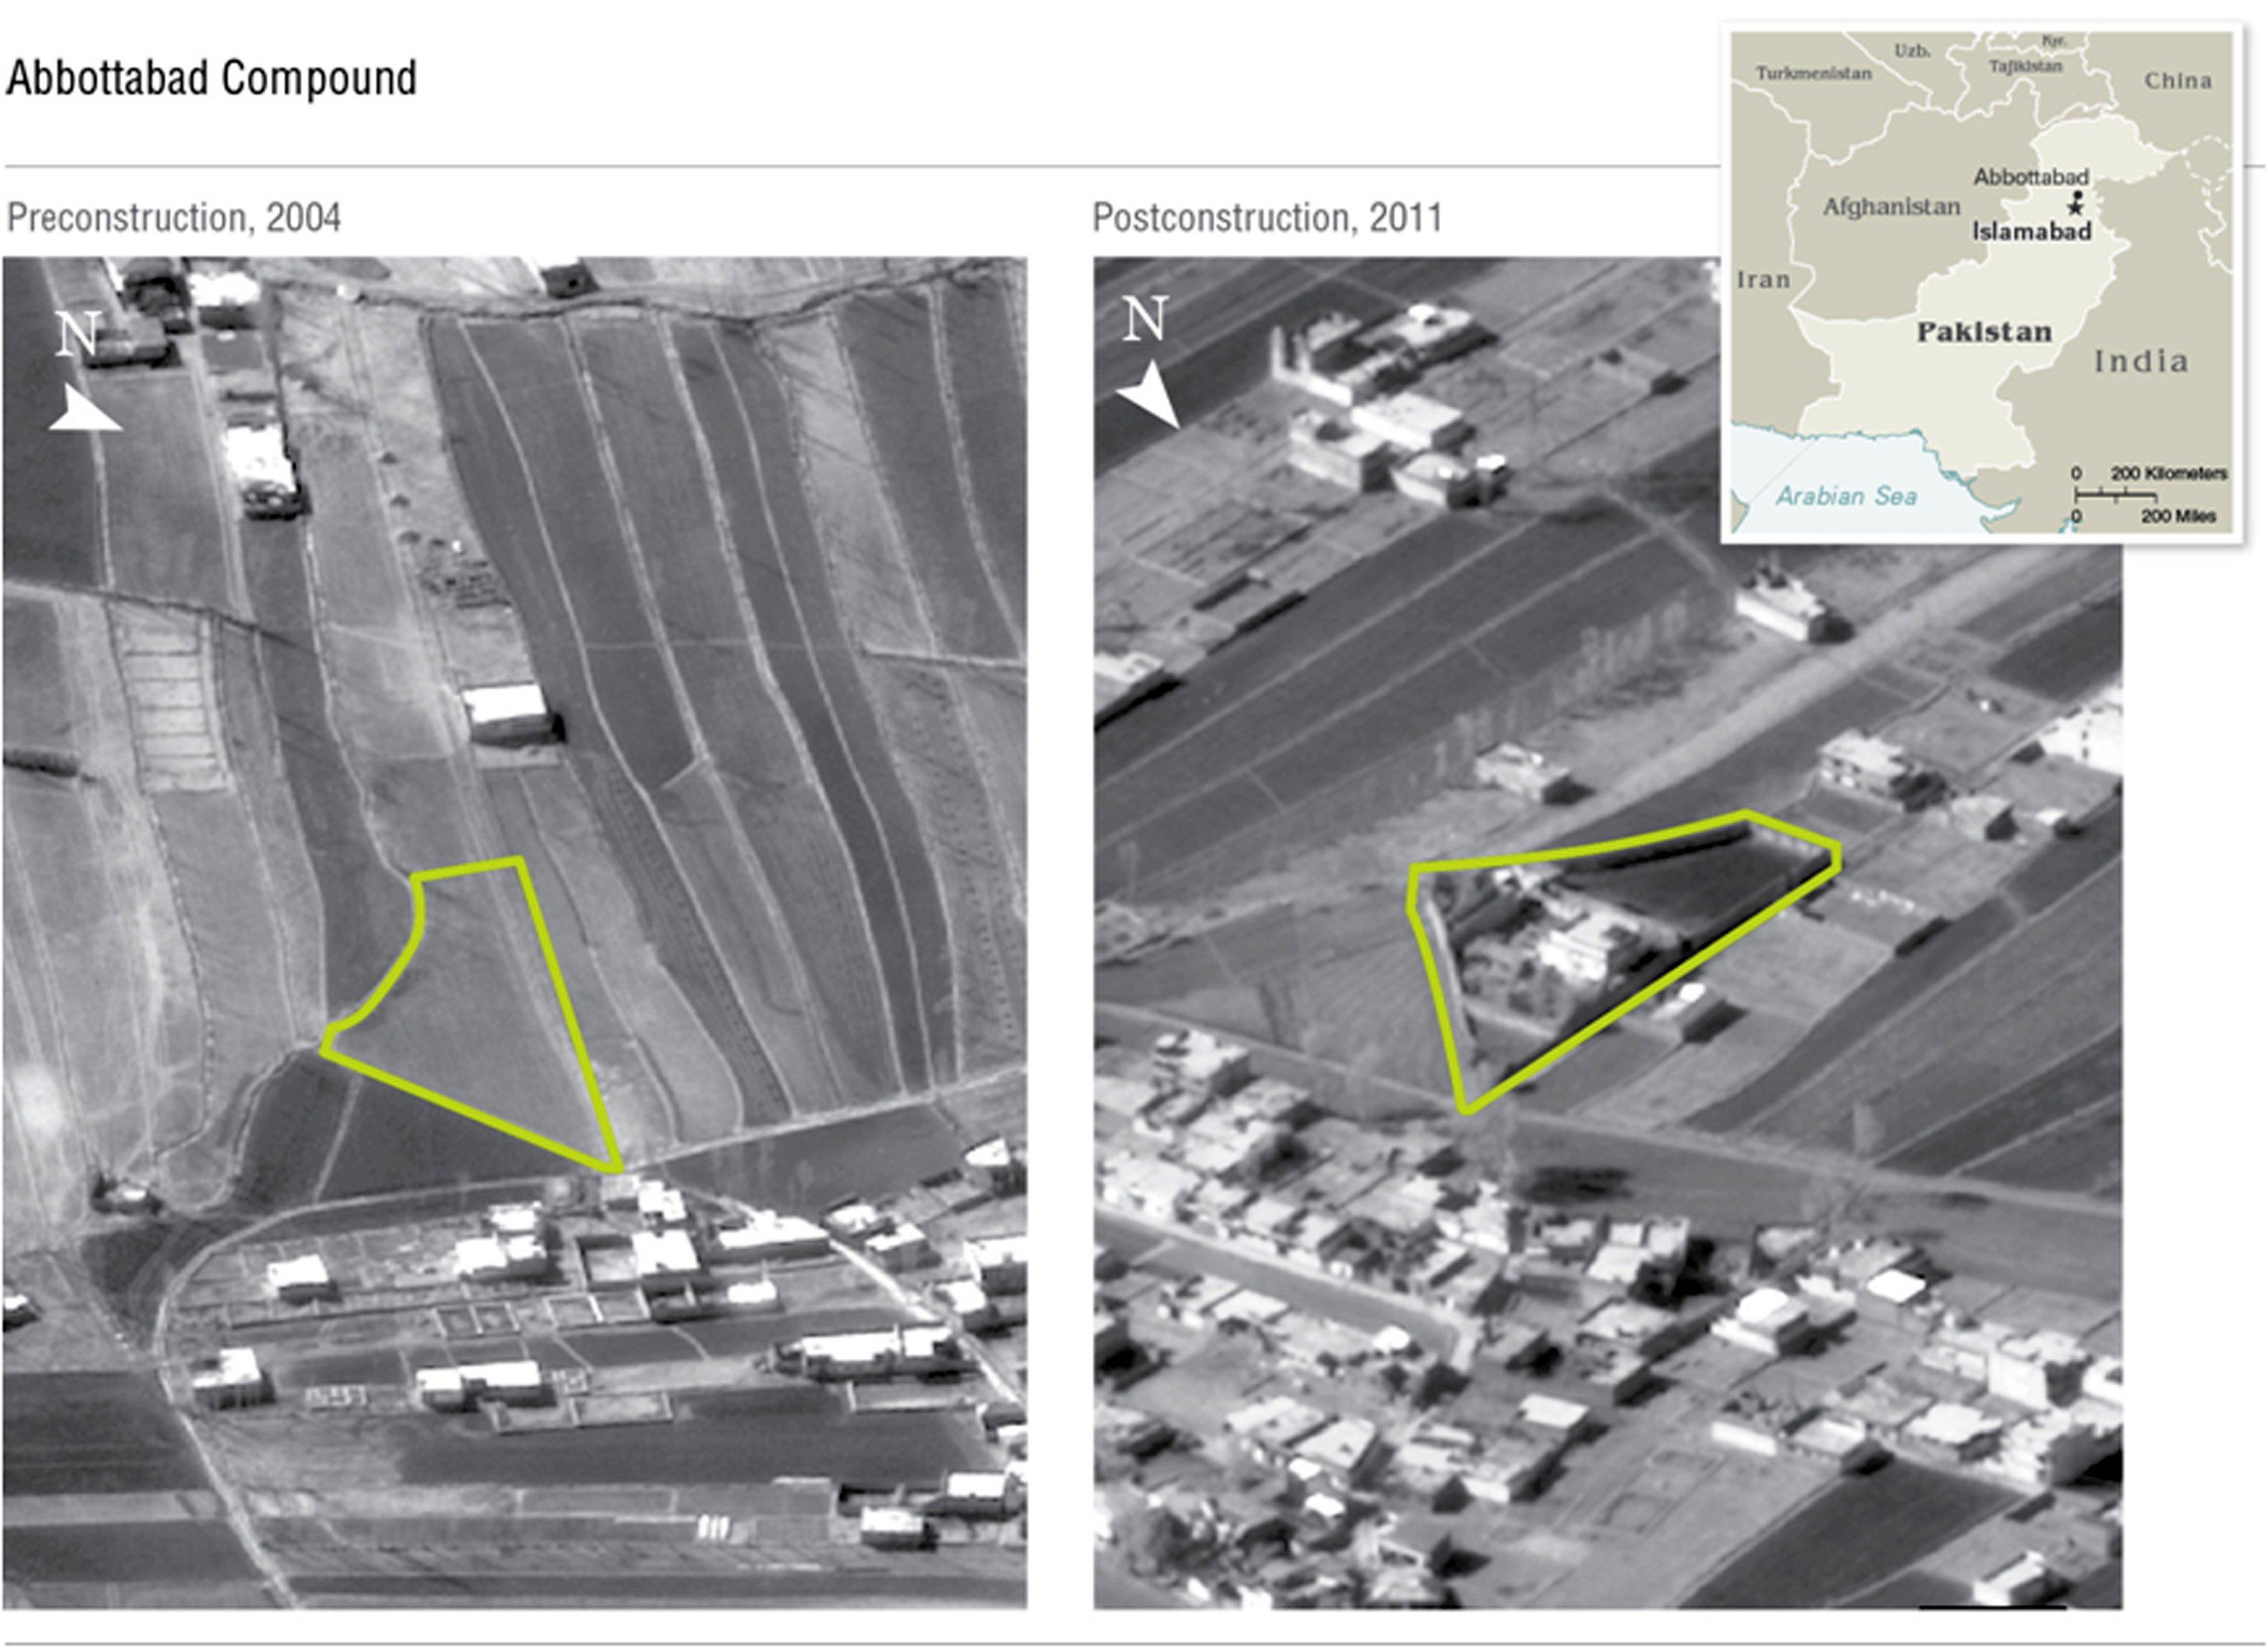 Αερο-φωτογραφία από το σημείο όπου κρυβόταν ο Οσάμα μπιν Λάντεν - ΦΩΤΟ REUTERS